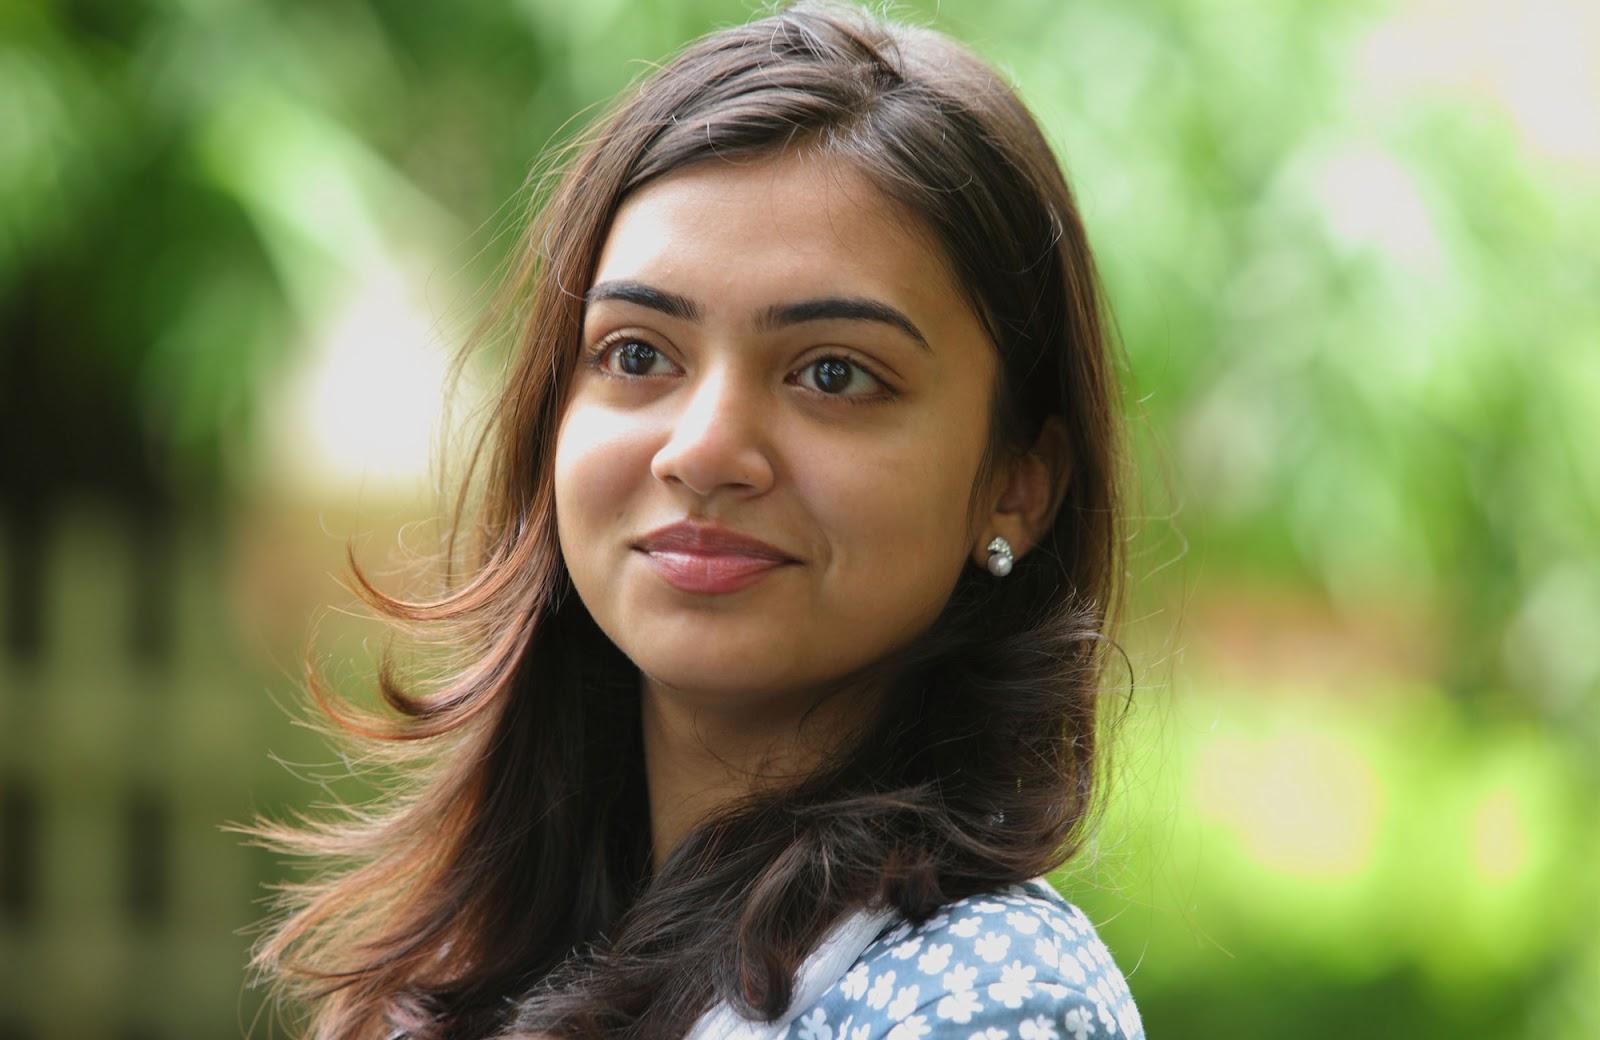 Nazriya nazim face wallpaper